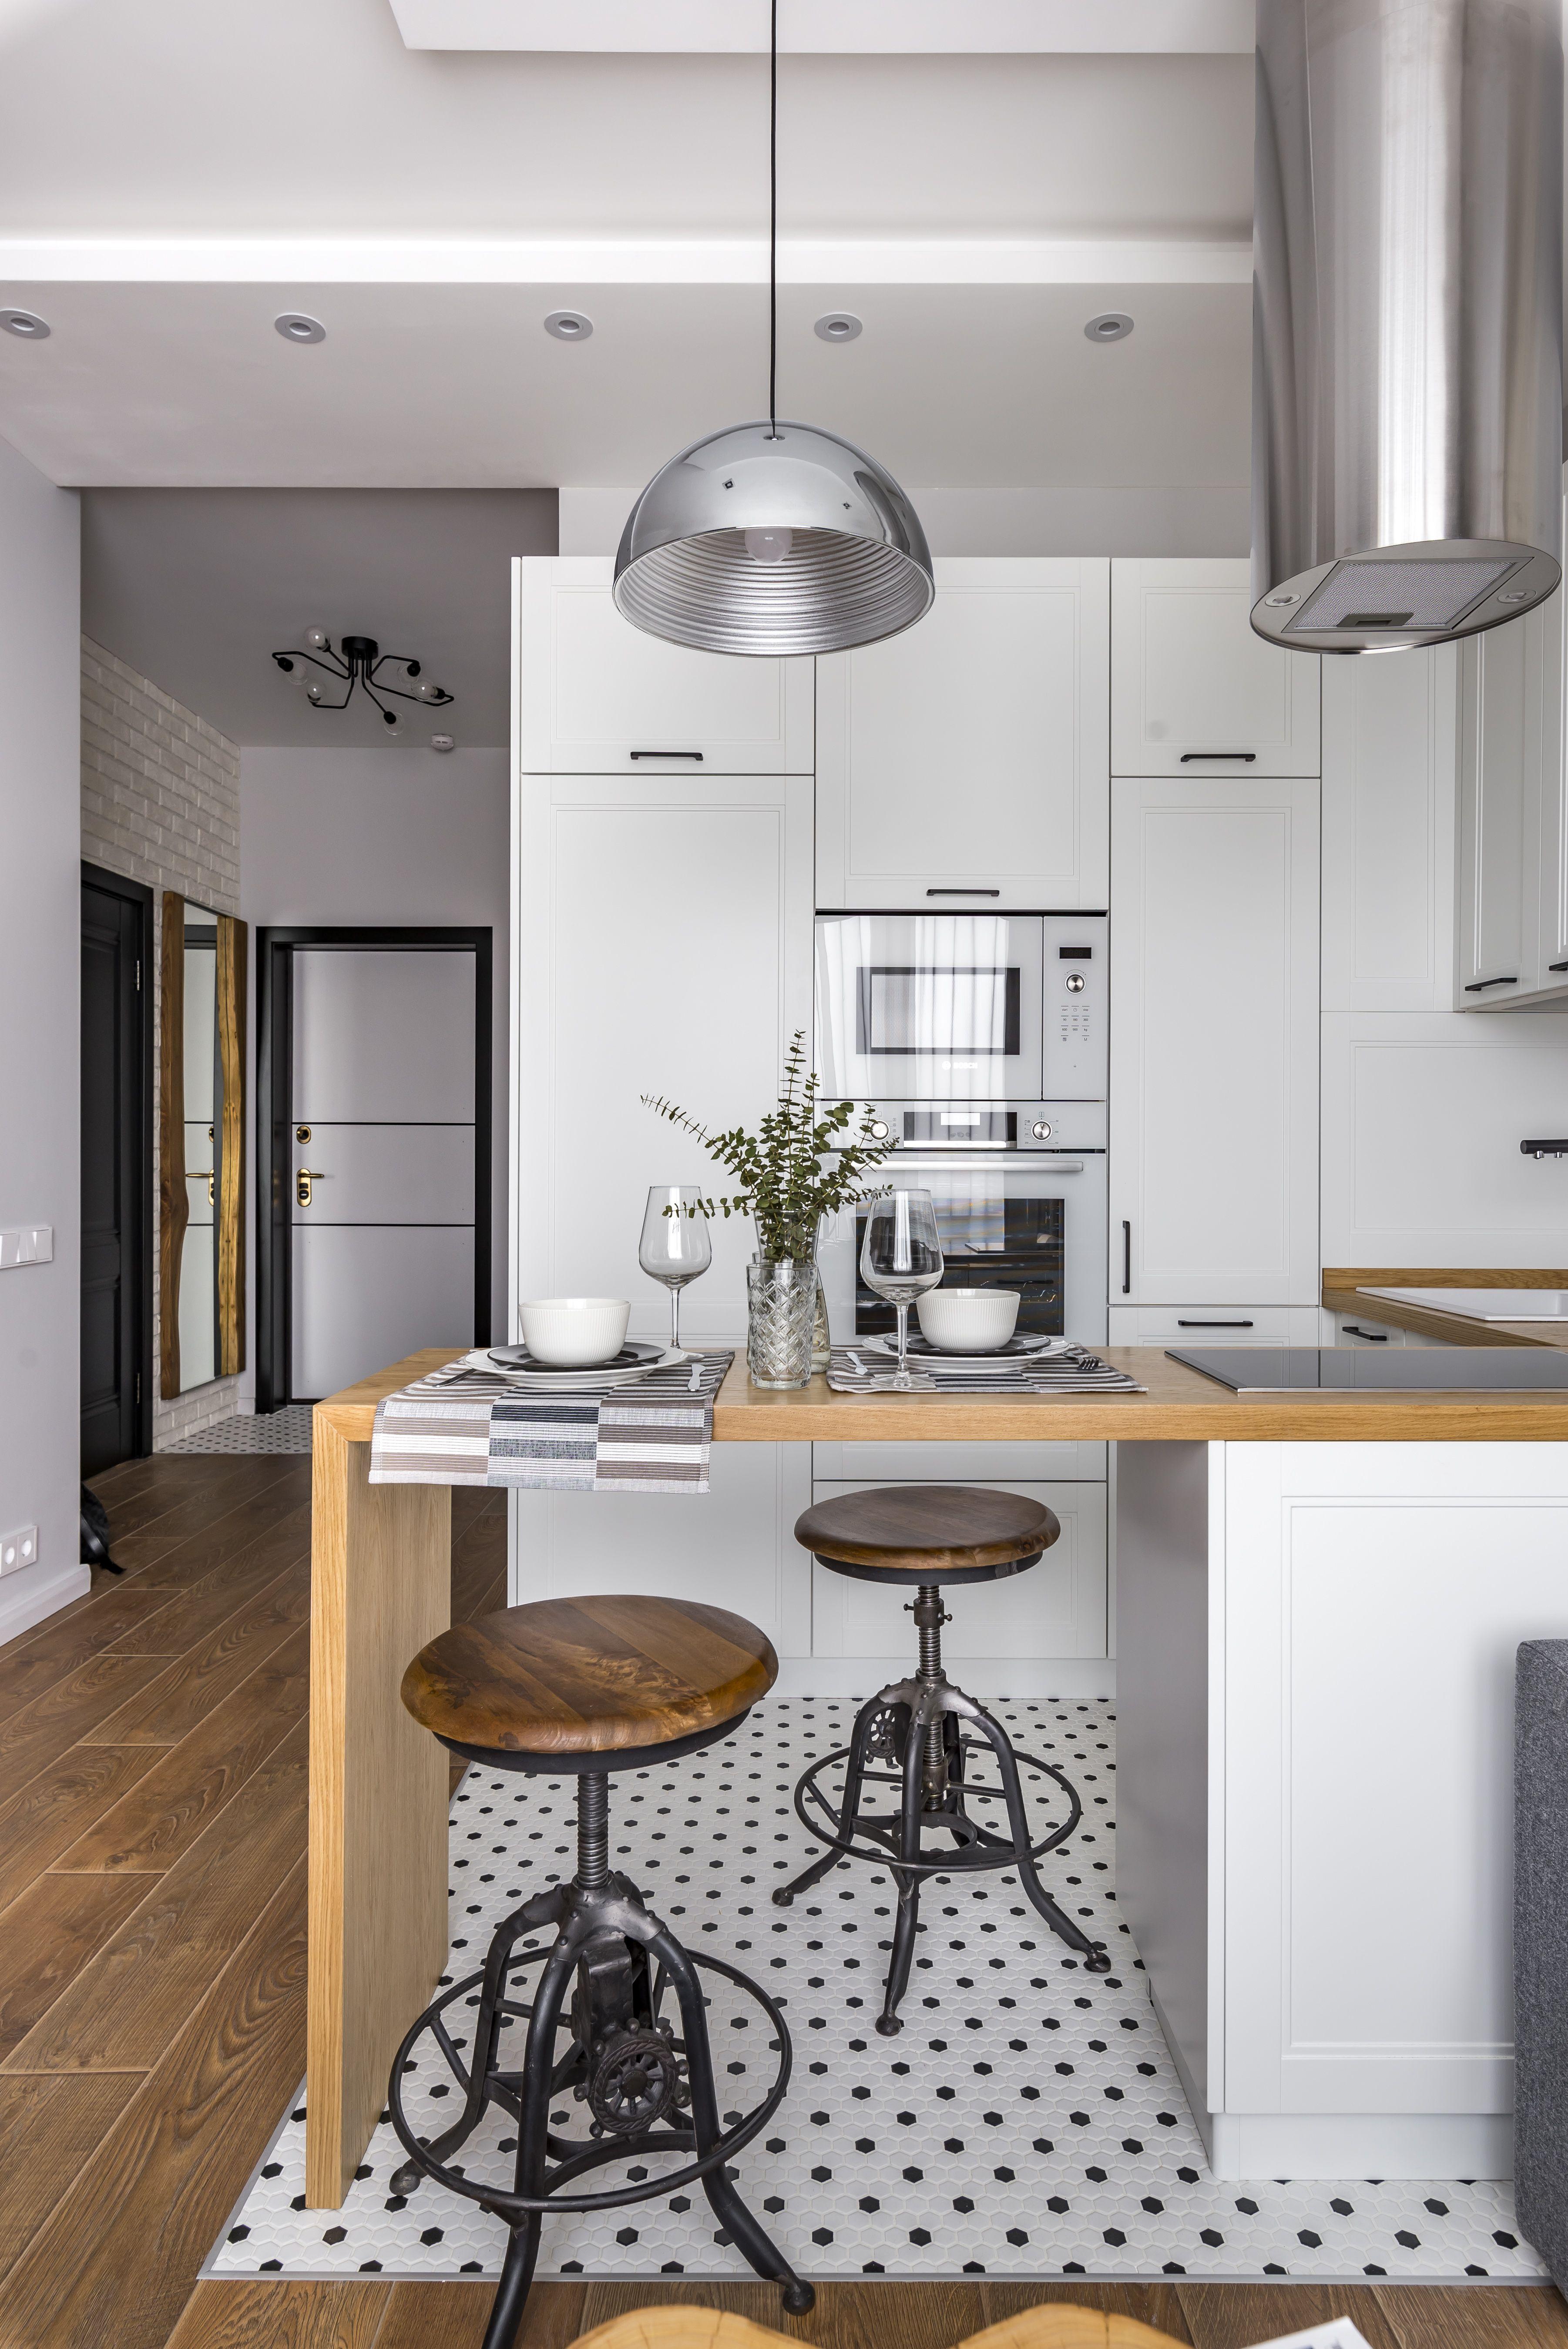 квартира в стиле лофт лофт в интерьере кухня гостиная